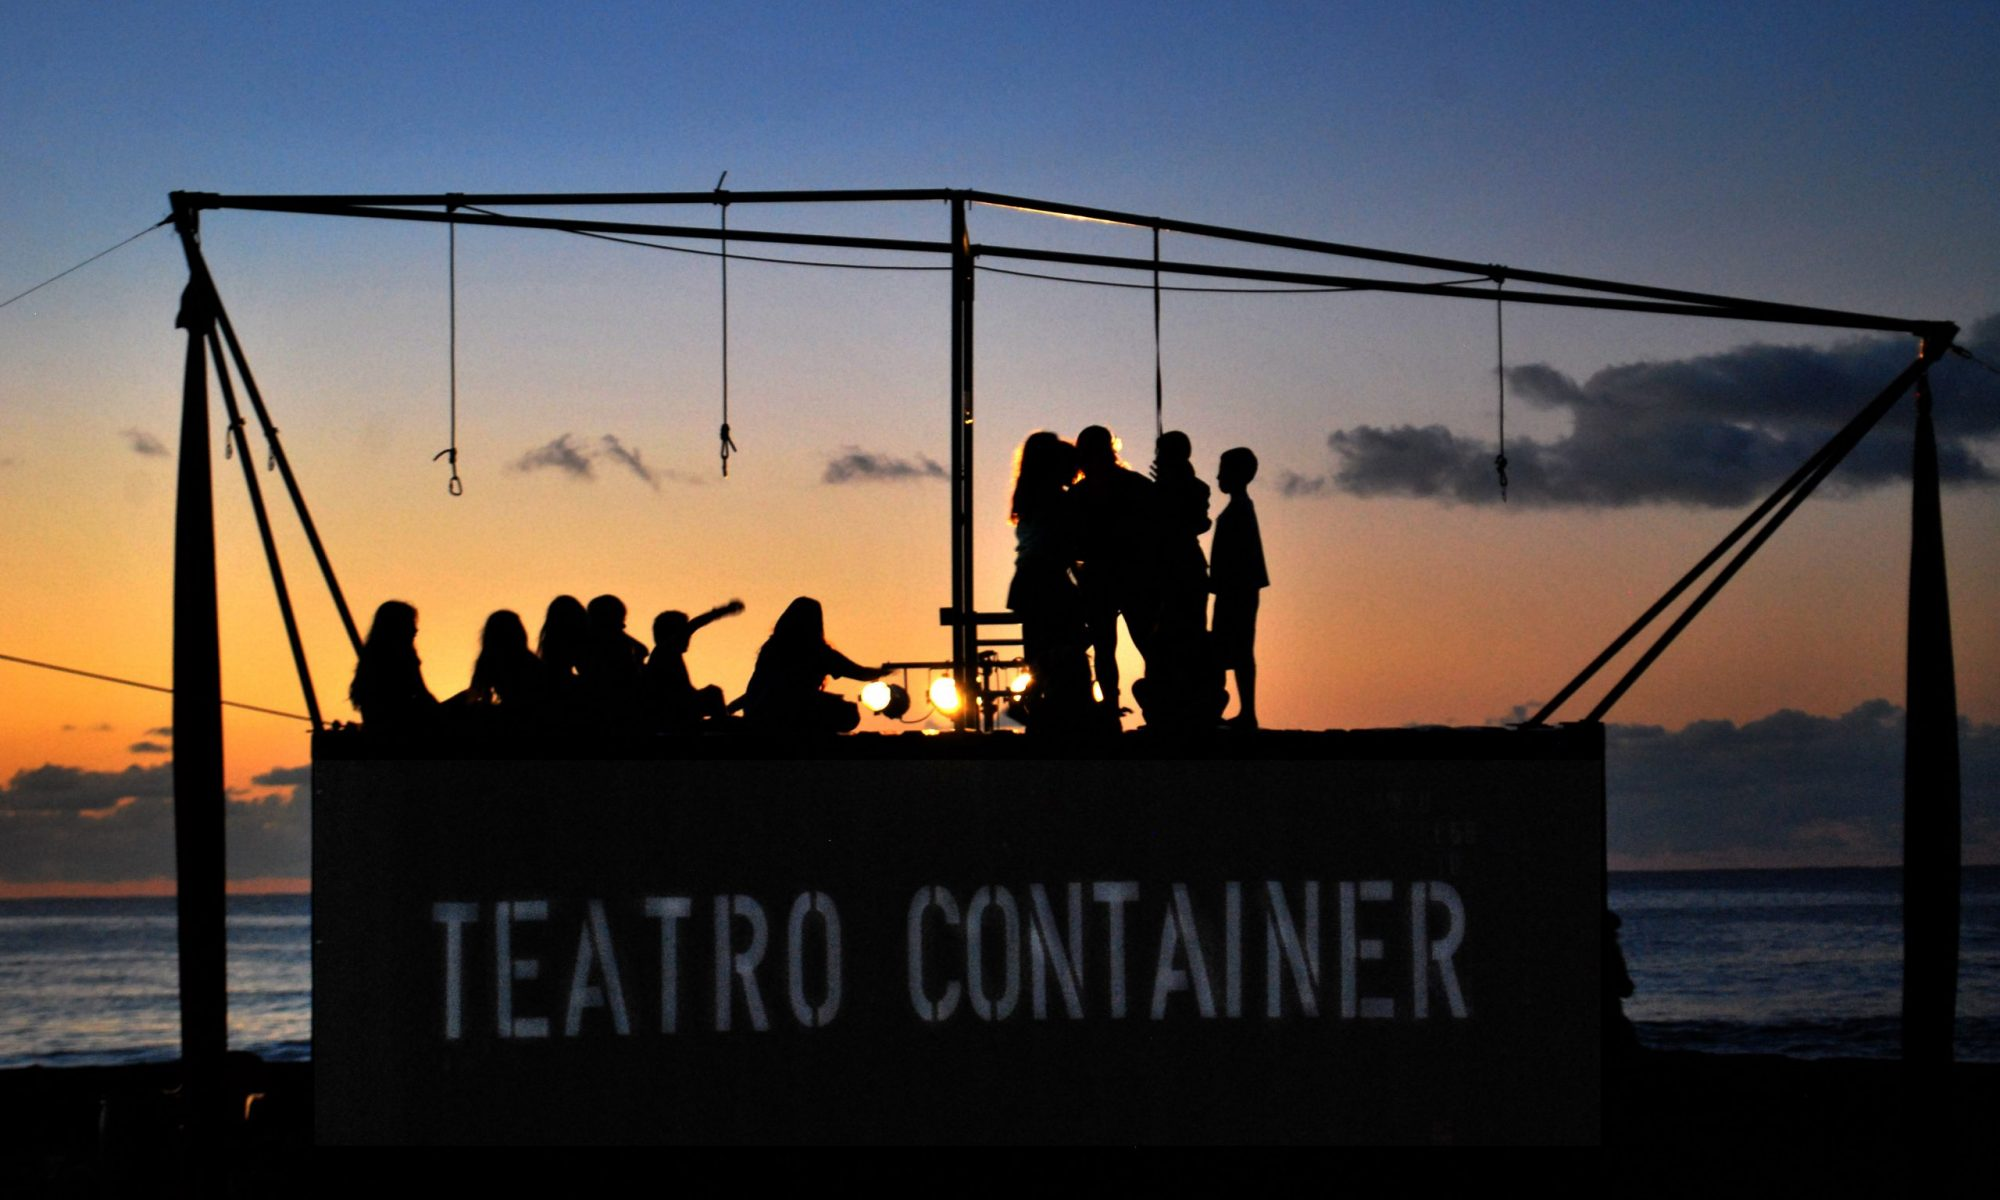 Teatro Container